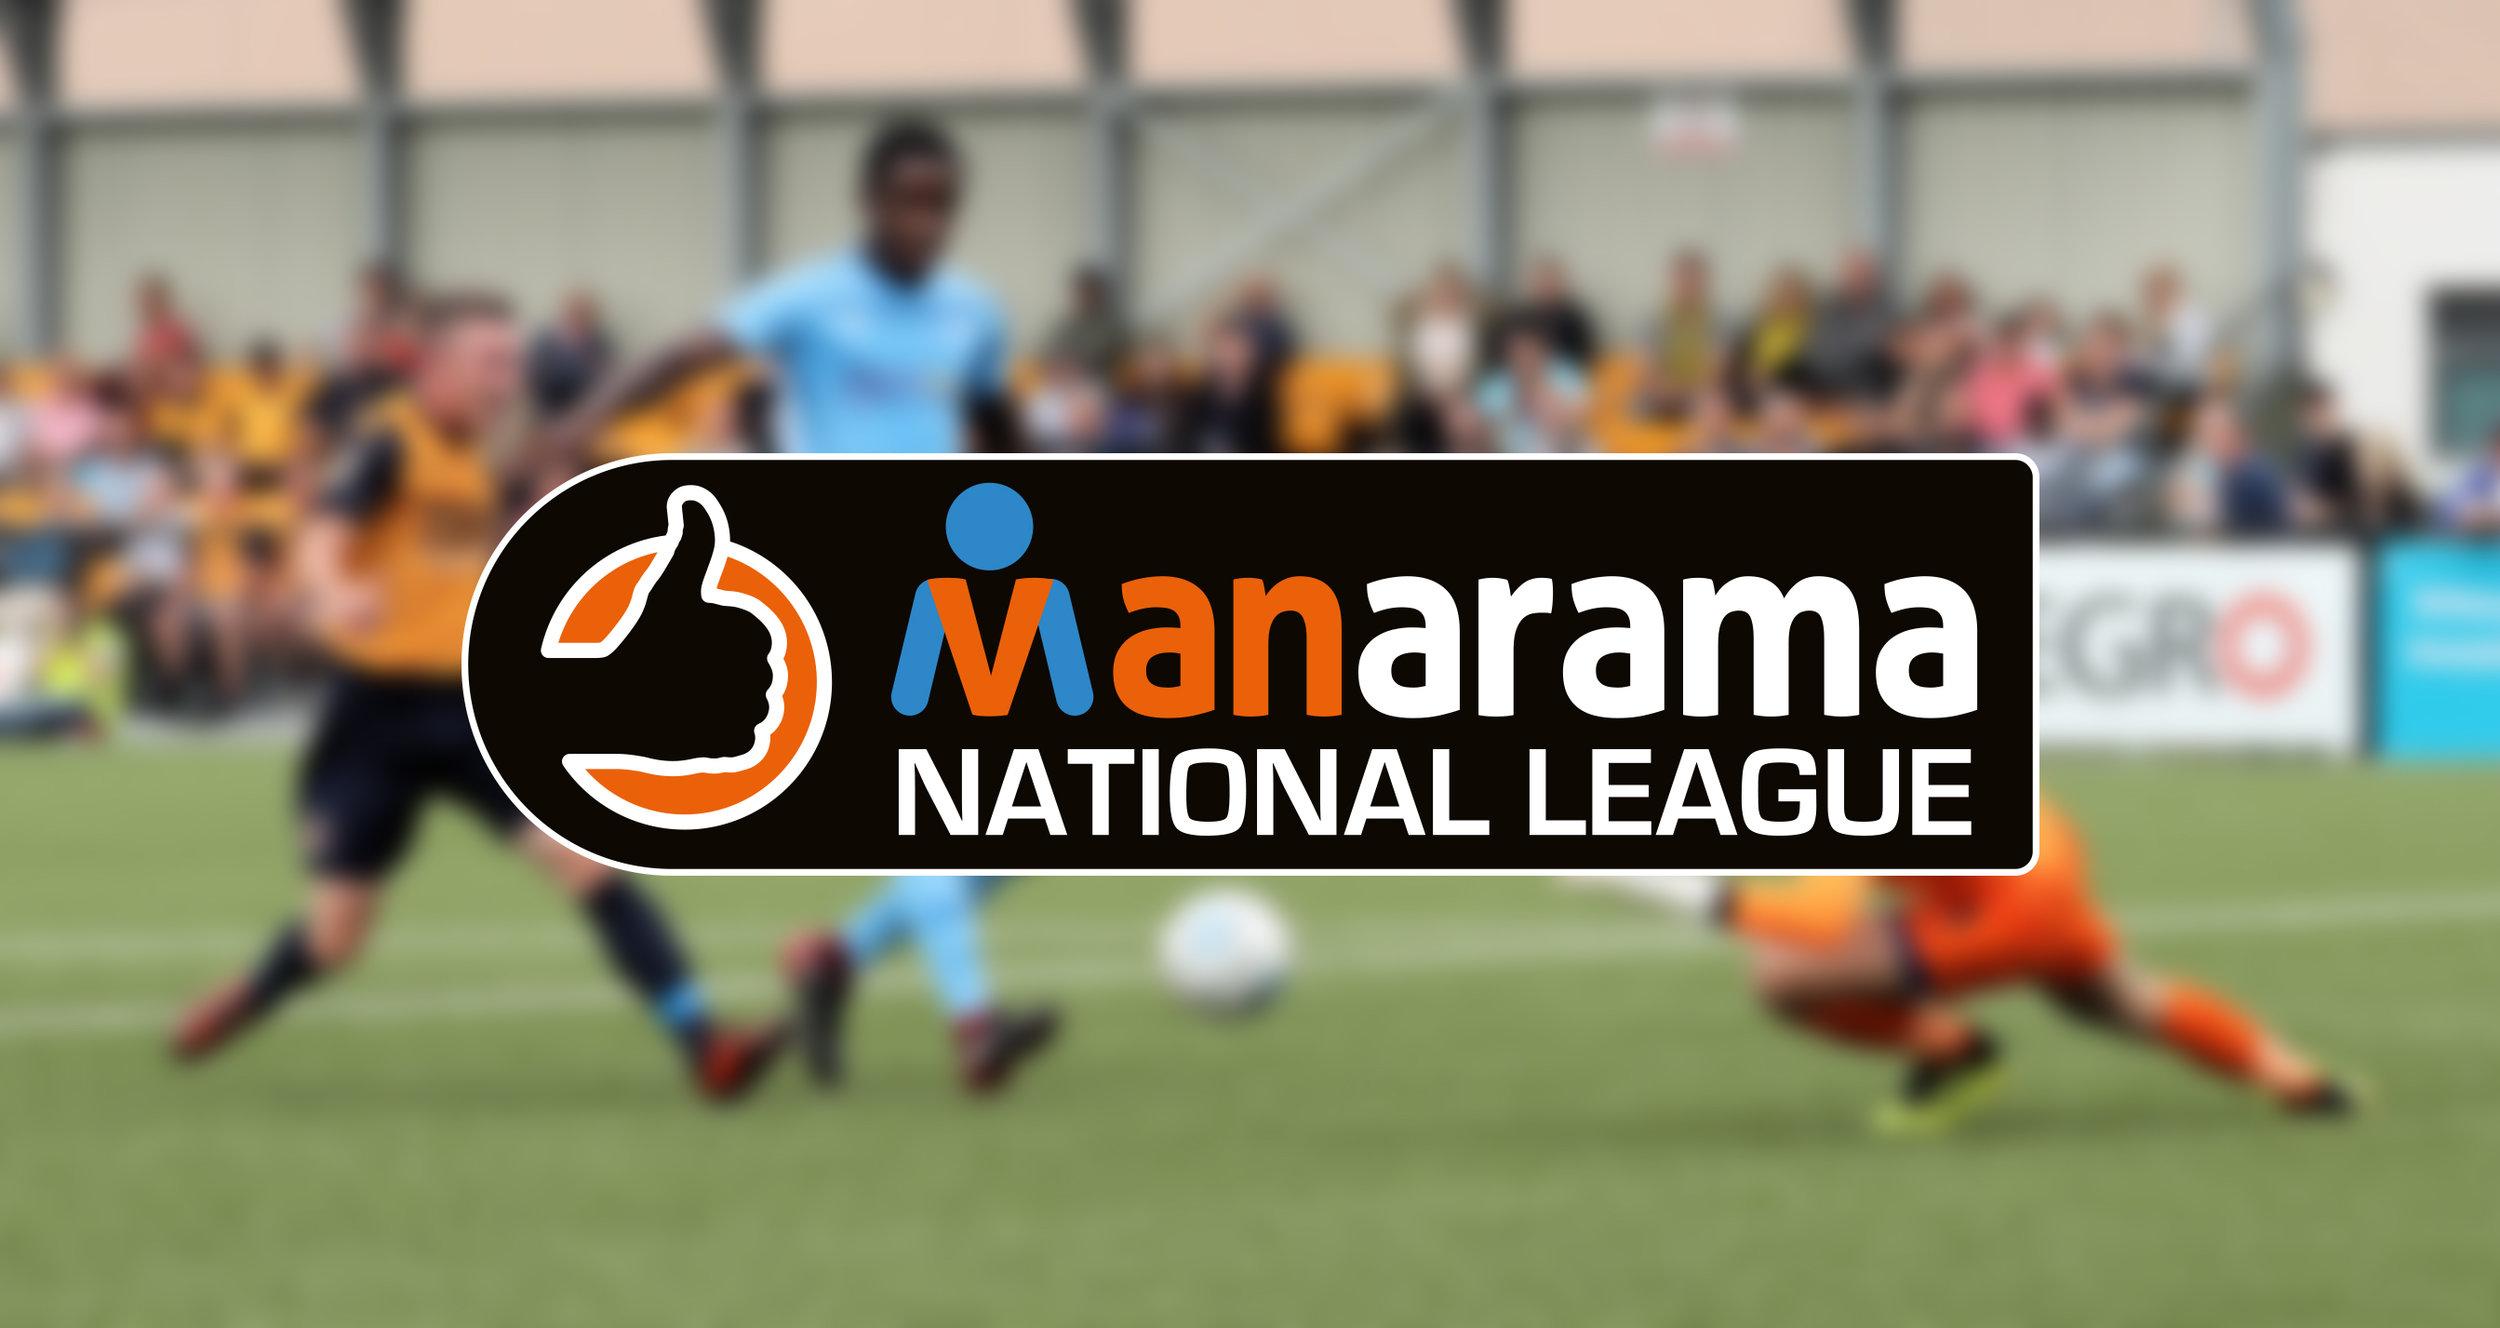 Vanarama | MANarama